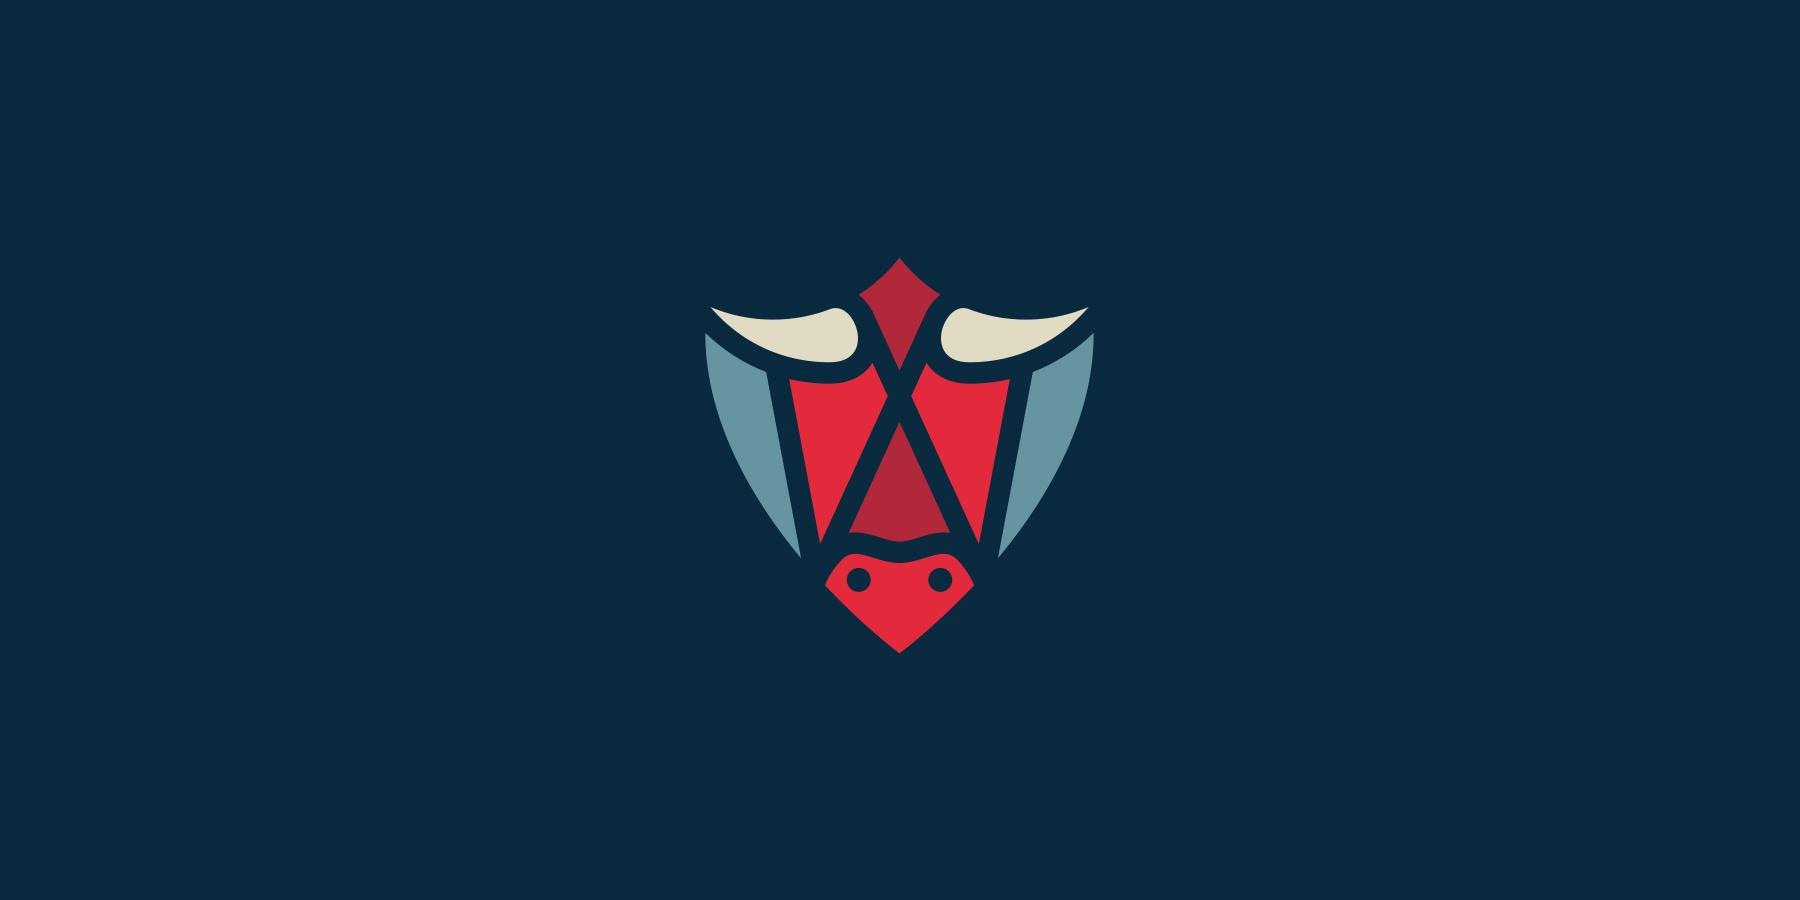 betbull-logo-design-03